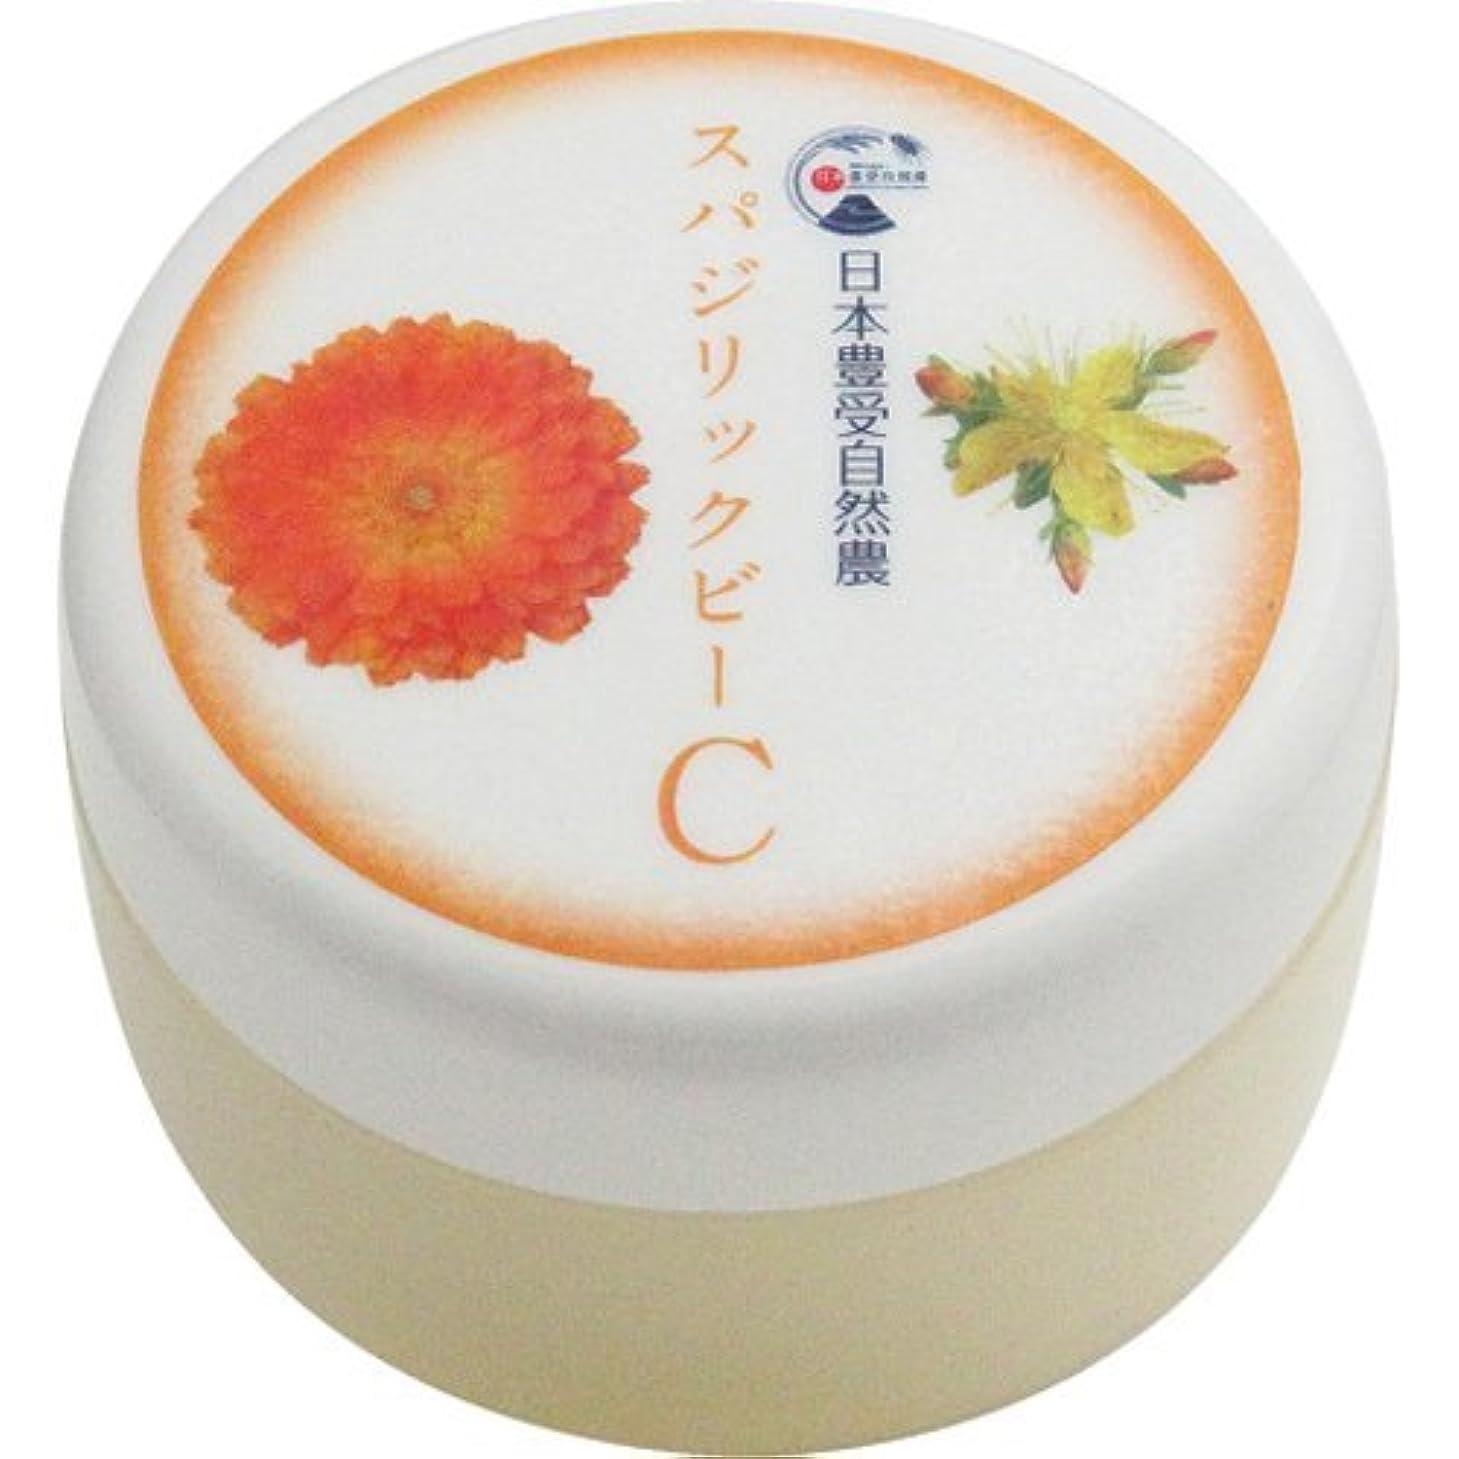 病な経験的六月日本豊受自然農 スパジリック ビーC(大) 45g